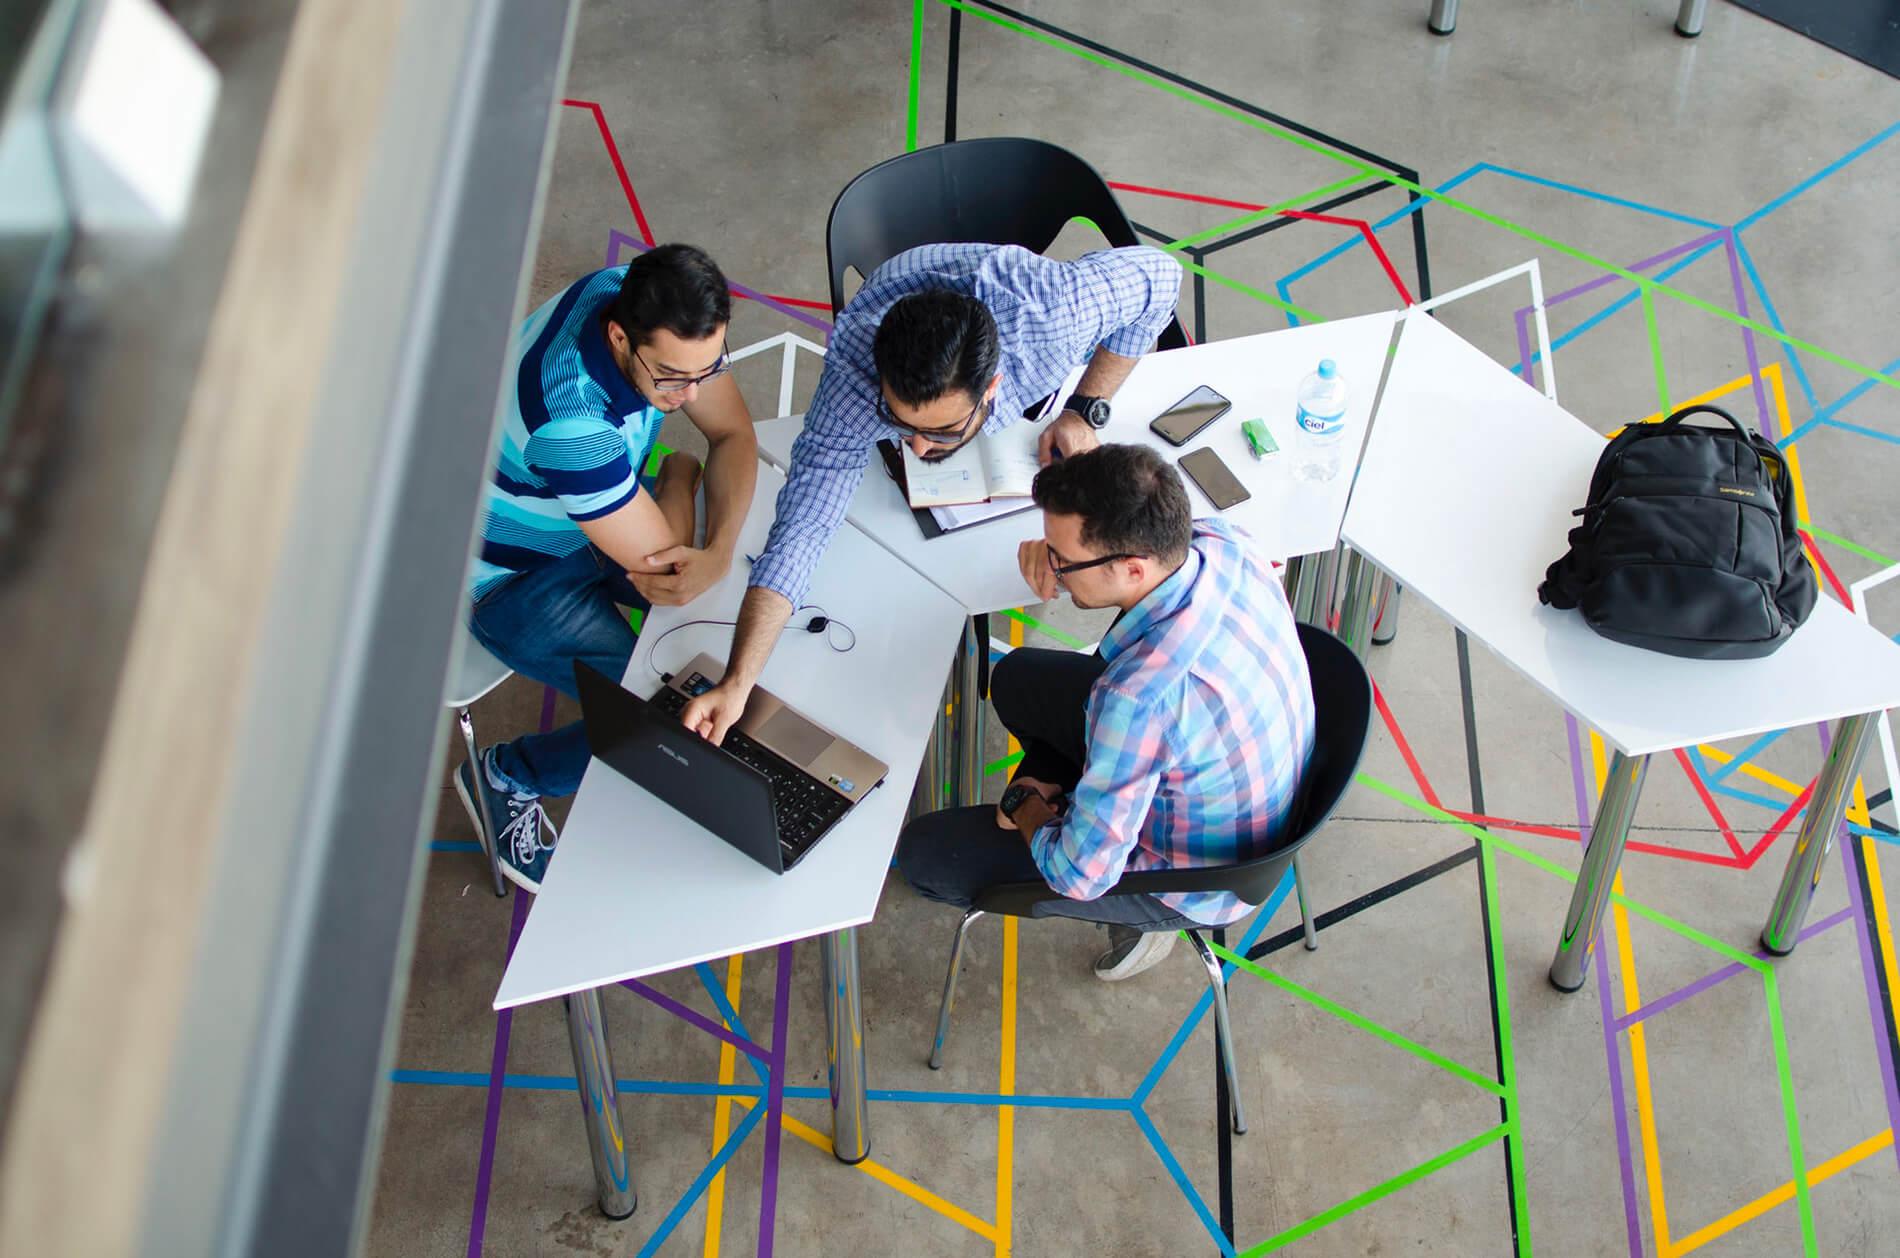 La co-création, une  tendance de fond pour l'innovation